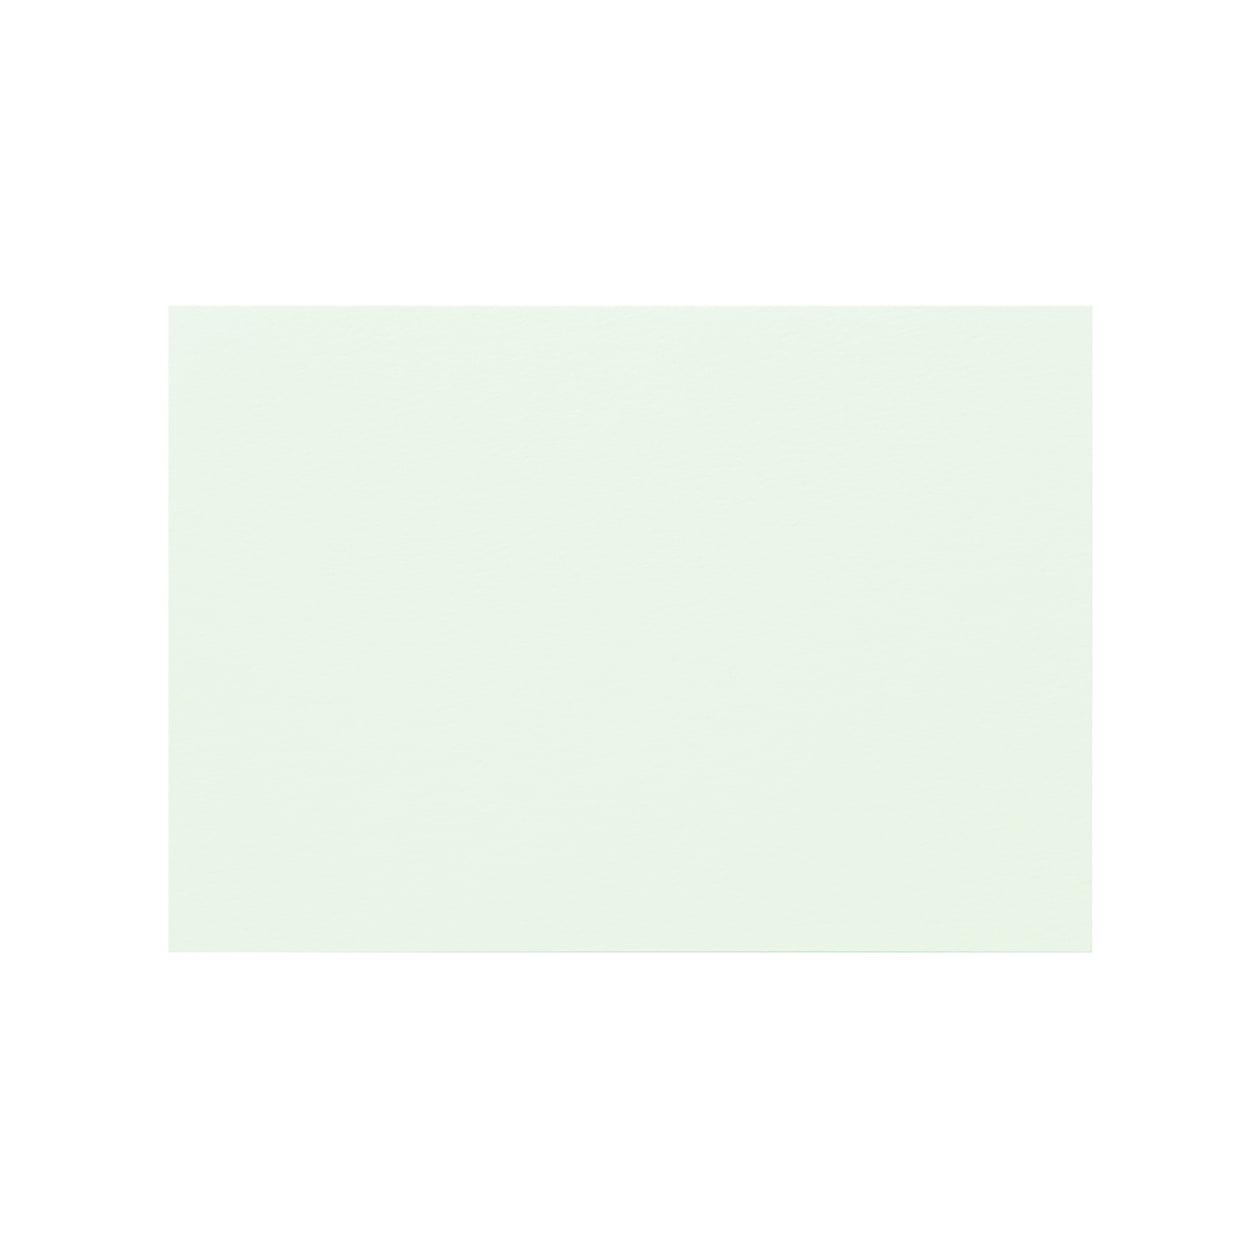 Pカード ニューラグリン ライム 219.8g